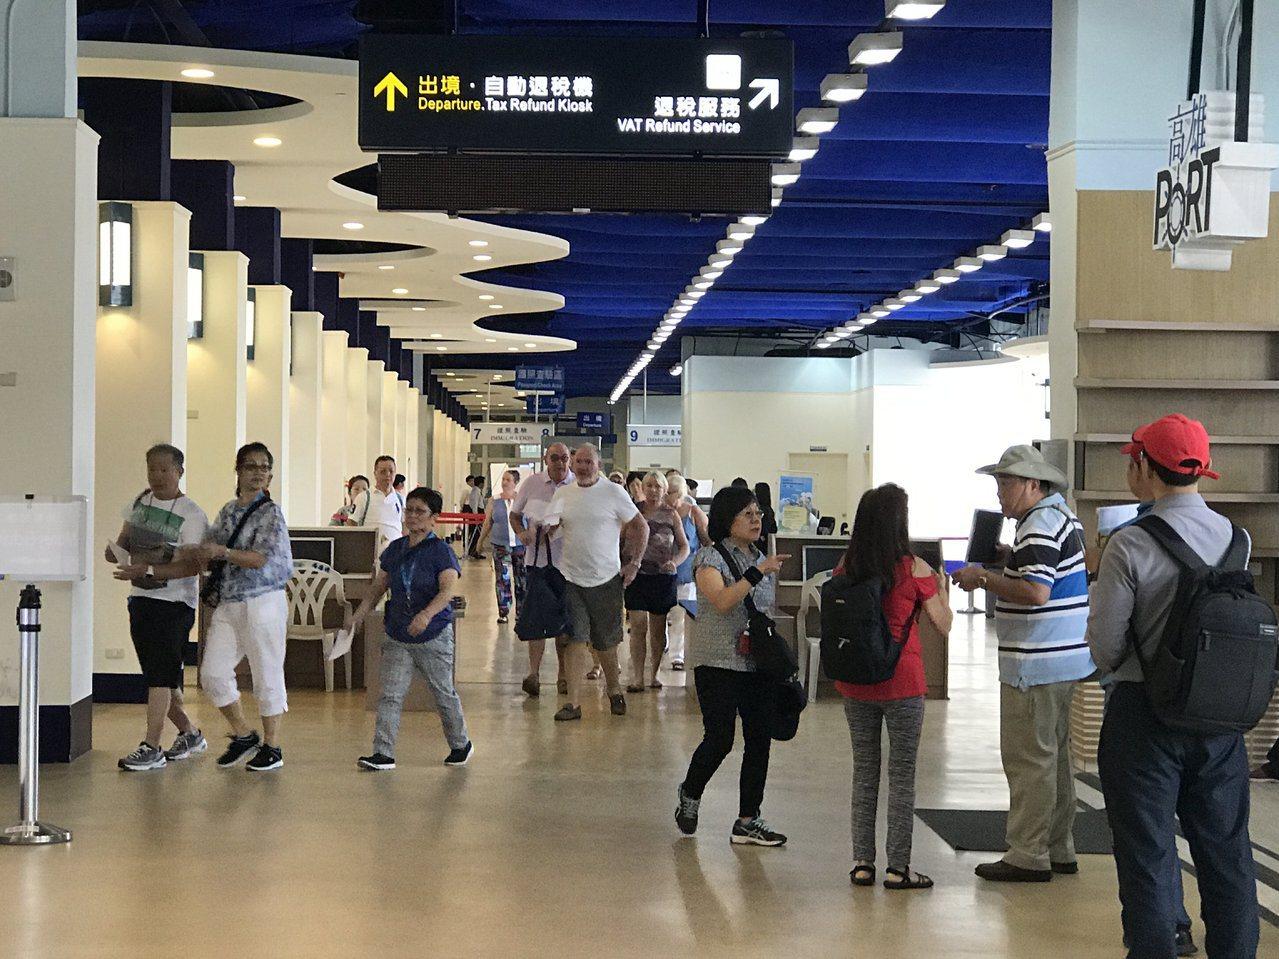 高雄港今天同時來了2艘國際郵輪,停靠在高雄港蓬萊區7號及9號碼頭,帶來近3000...